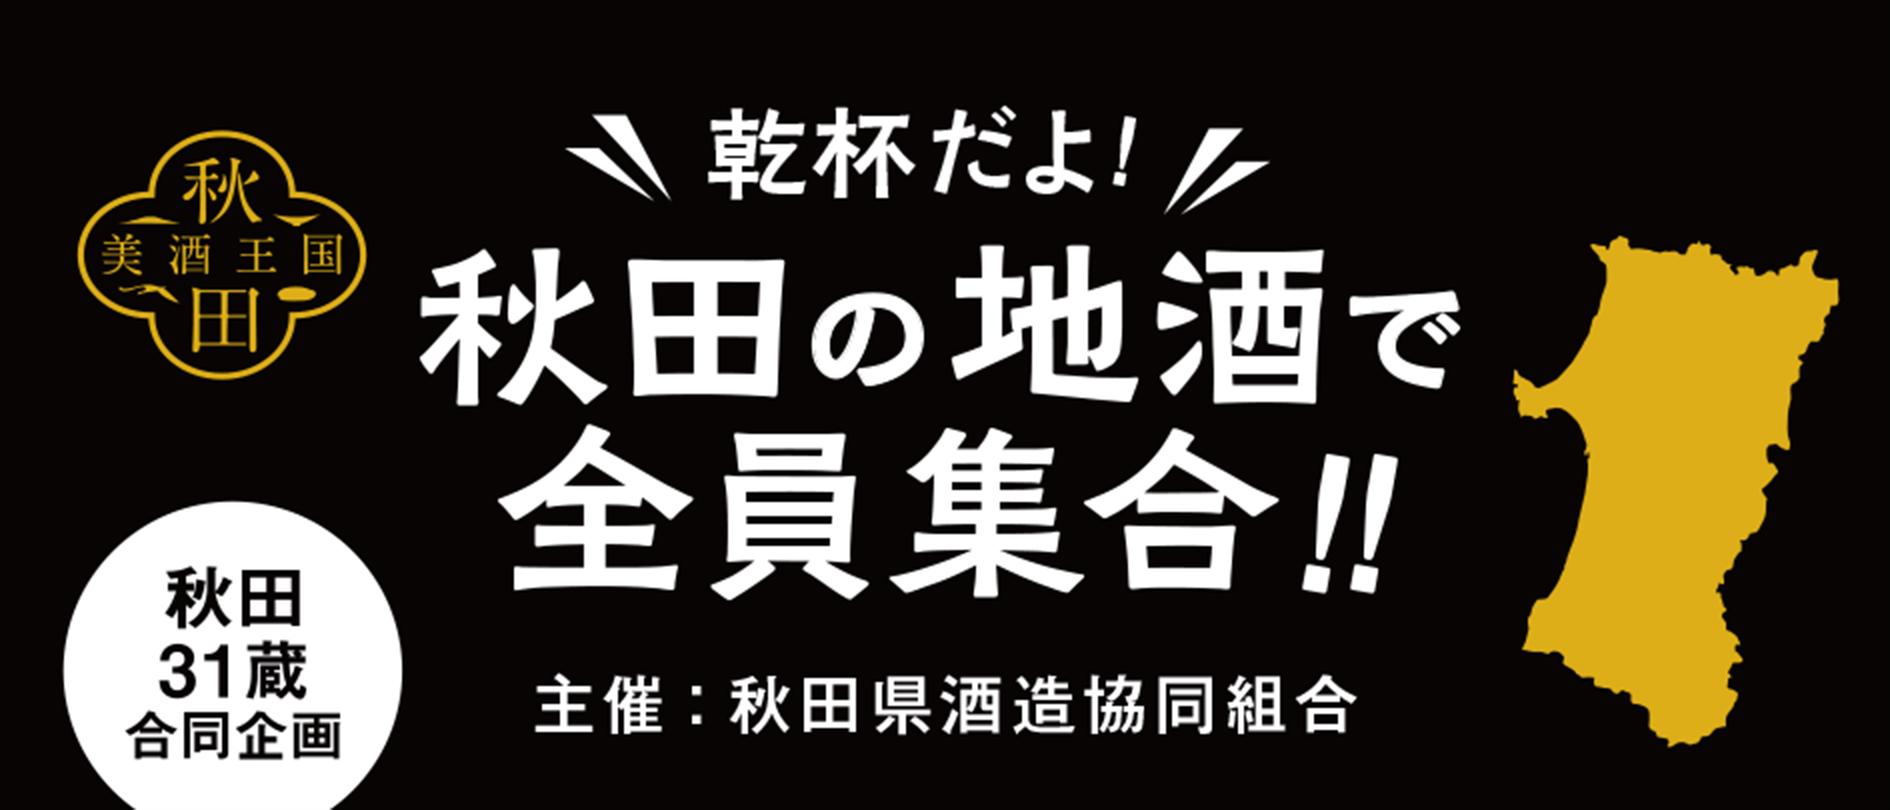 秋田の地酒で全員集合!ポスター